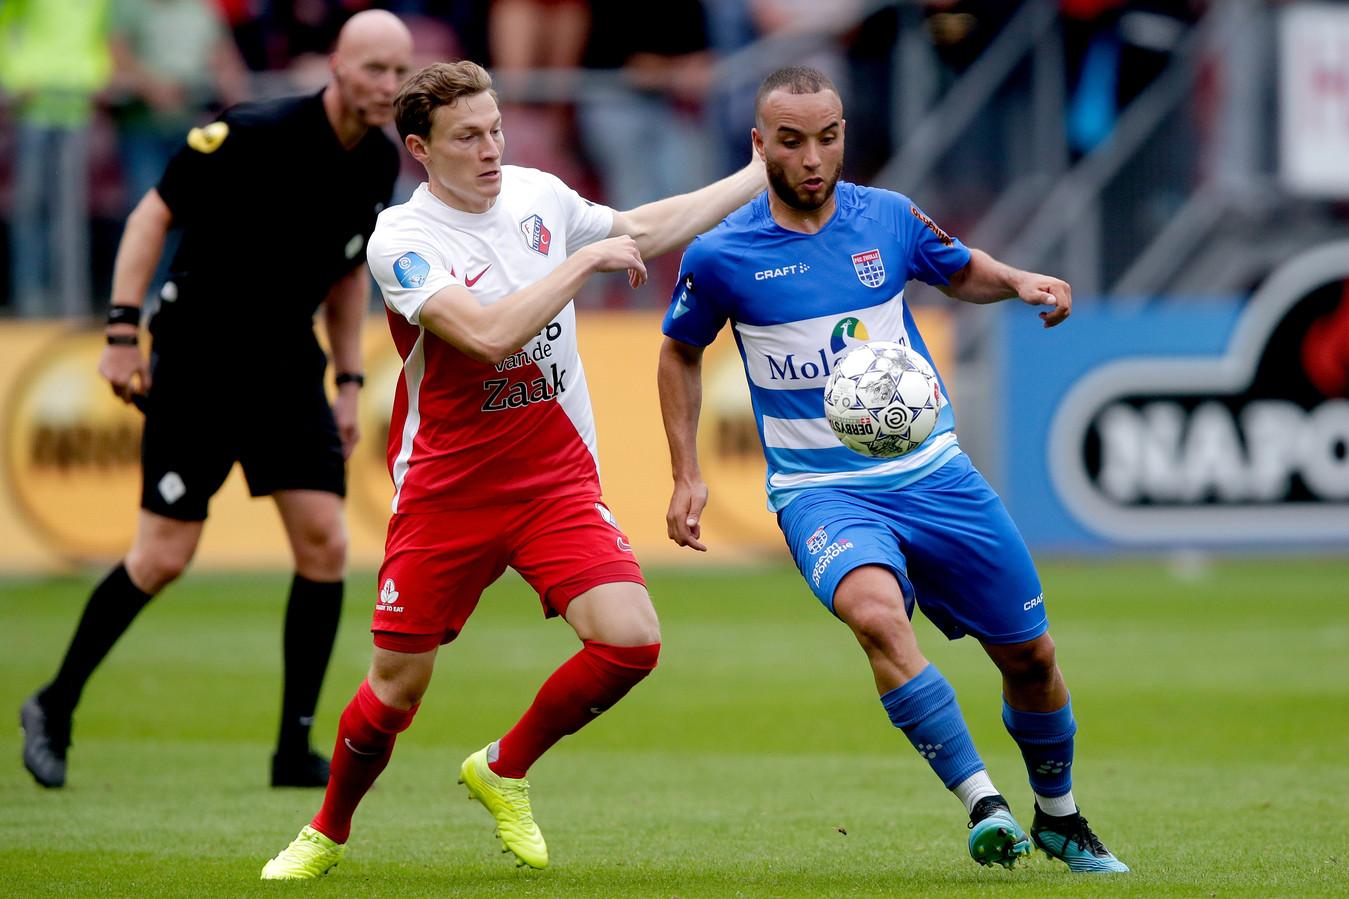 Rico Strieder in augustus 2019 in duel met Iliass Bel Hassani. Met Utrecht won de Duitser als invaller met 3-1 van PEC Zwolle, de club waar hij 5 maanden later op huurbasis aansloot.